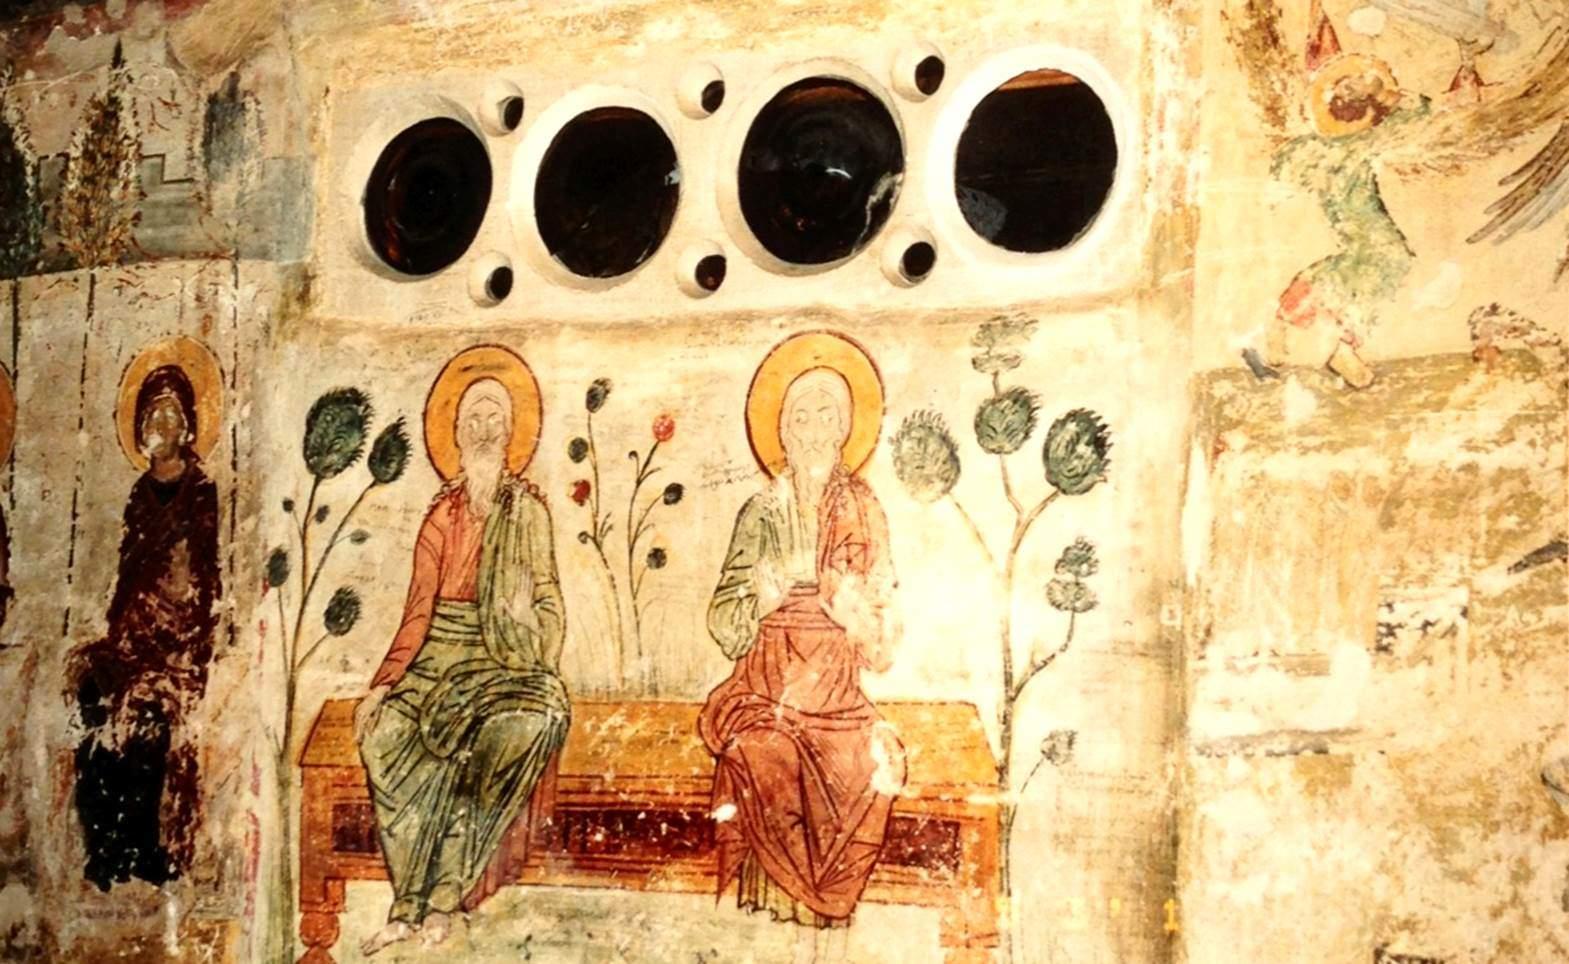 Diriliş Manastırı'nın içinden bir fresk. Teselya Vadisi, Yunanistan. Fotoğraf: Füsun Kavrakoğlu